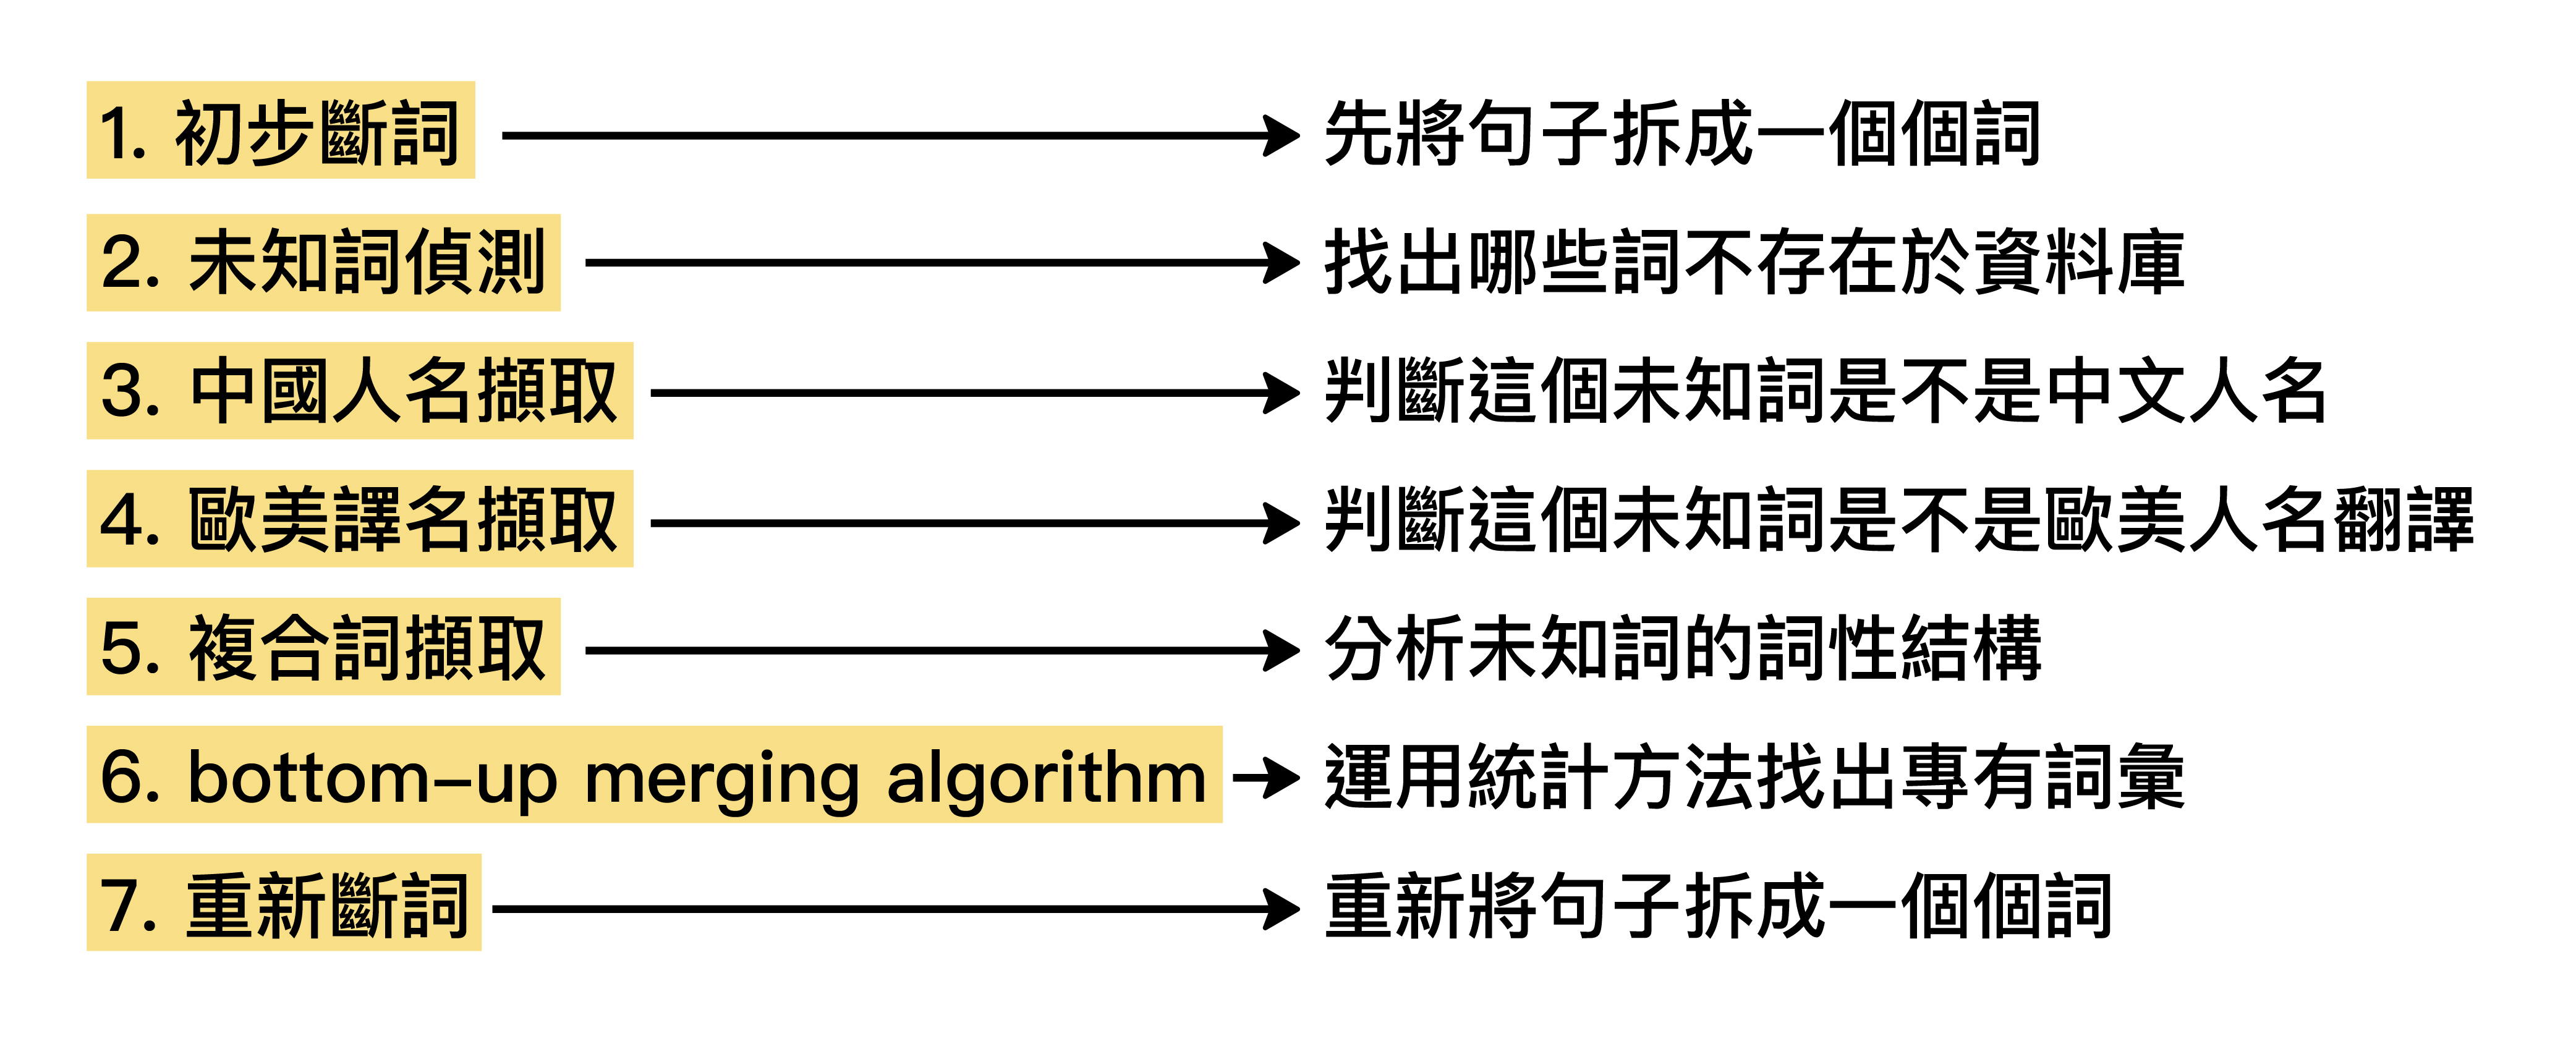 中文斷詞系統的處理步驟。 圖│〈未知詞擷取作法〉,作者:馬偉雲